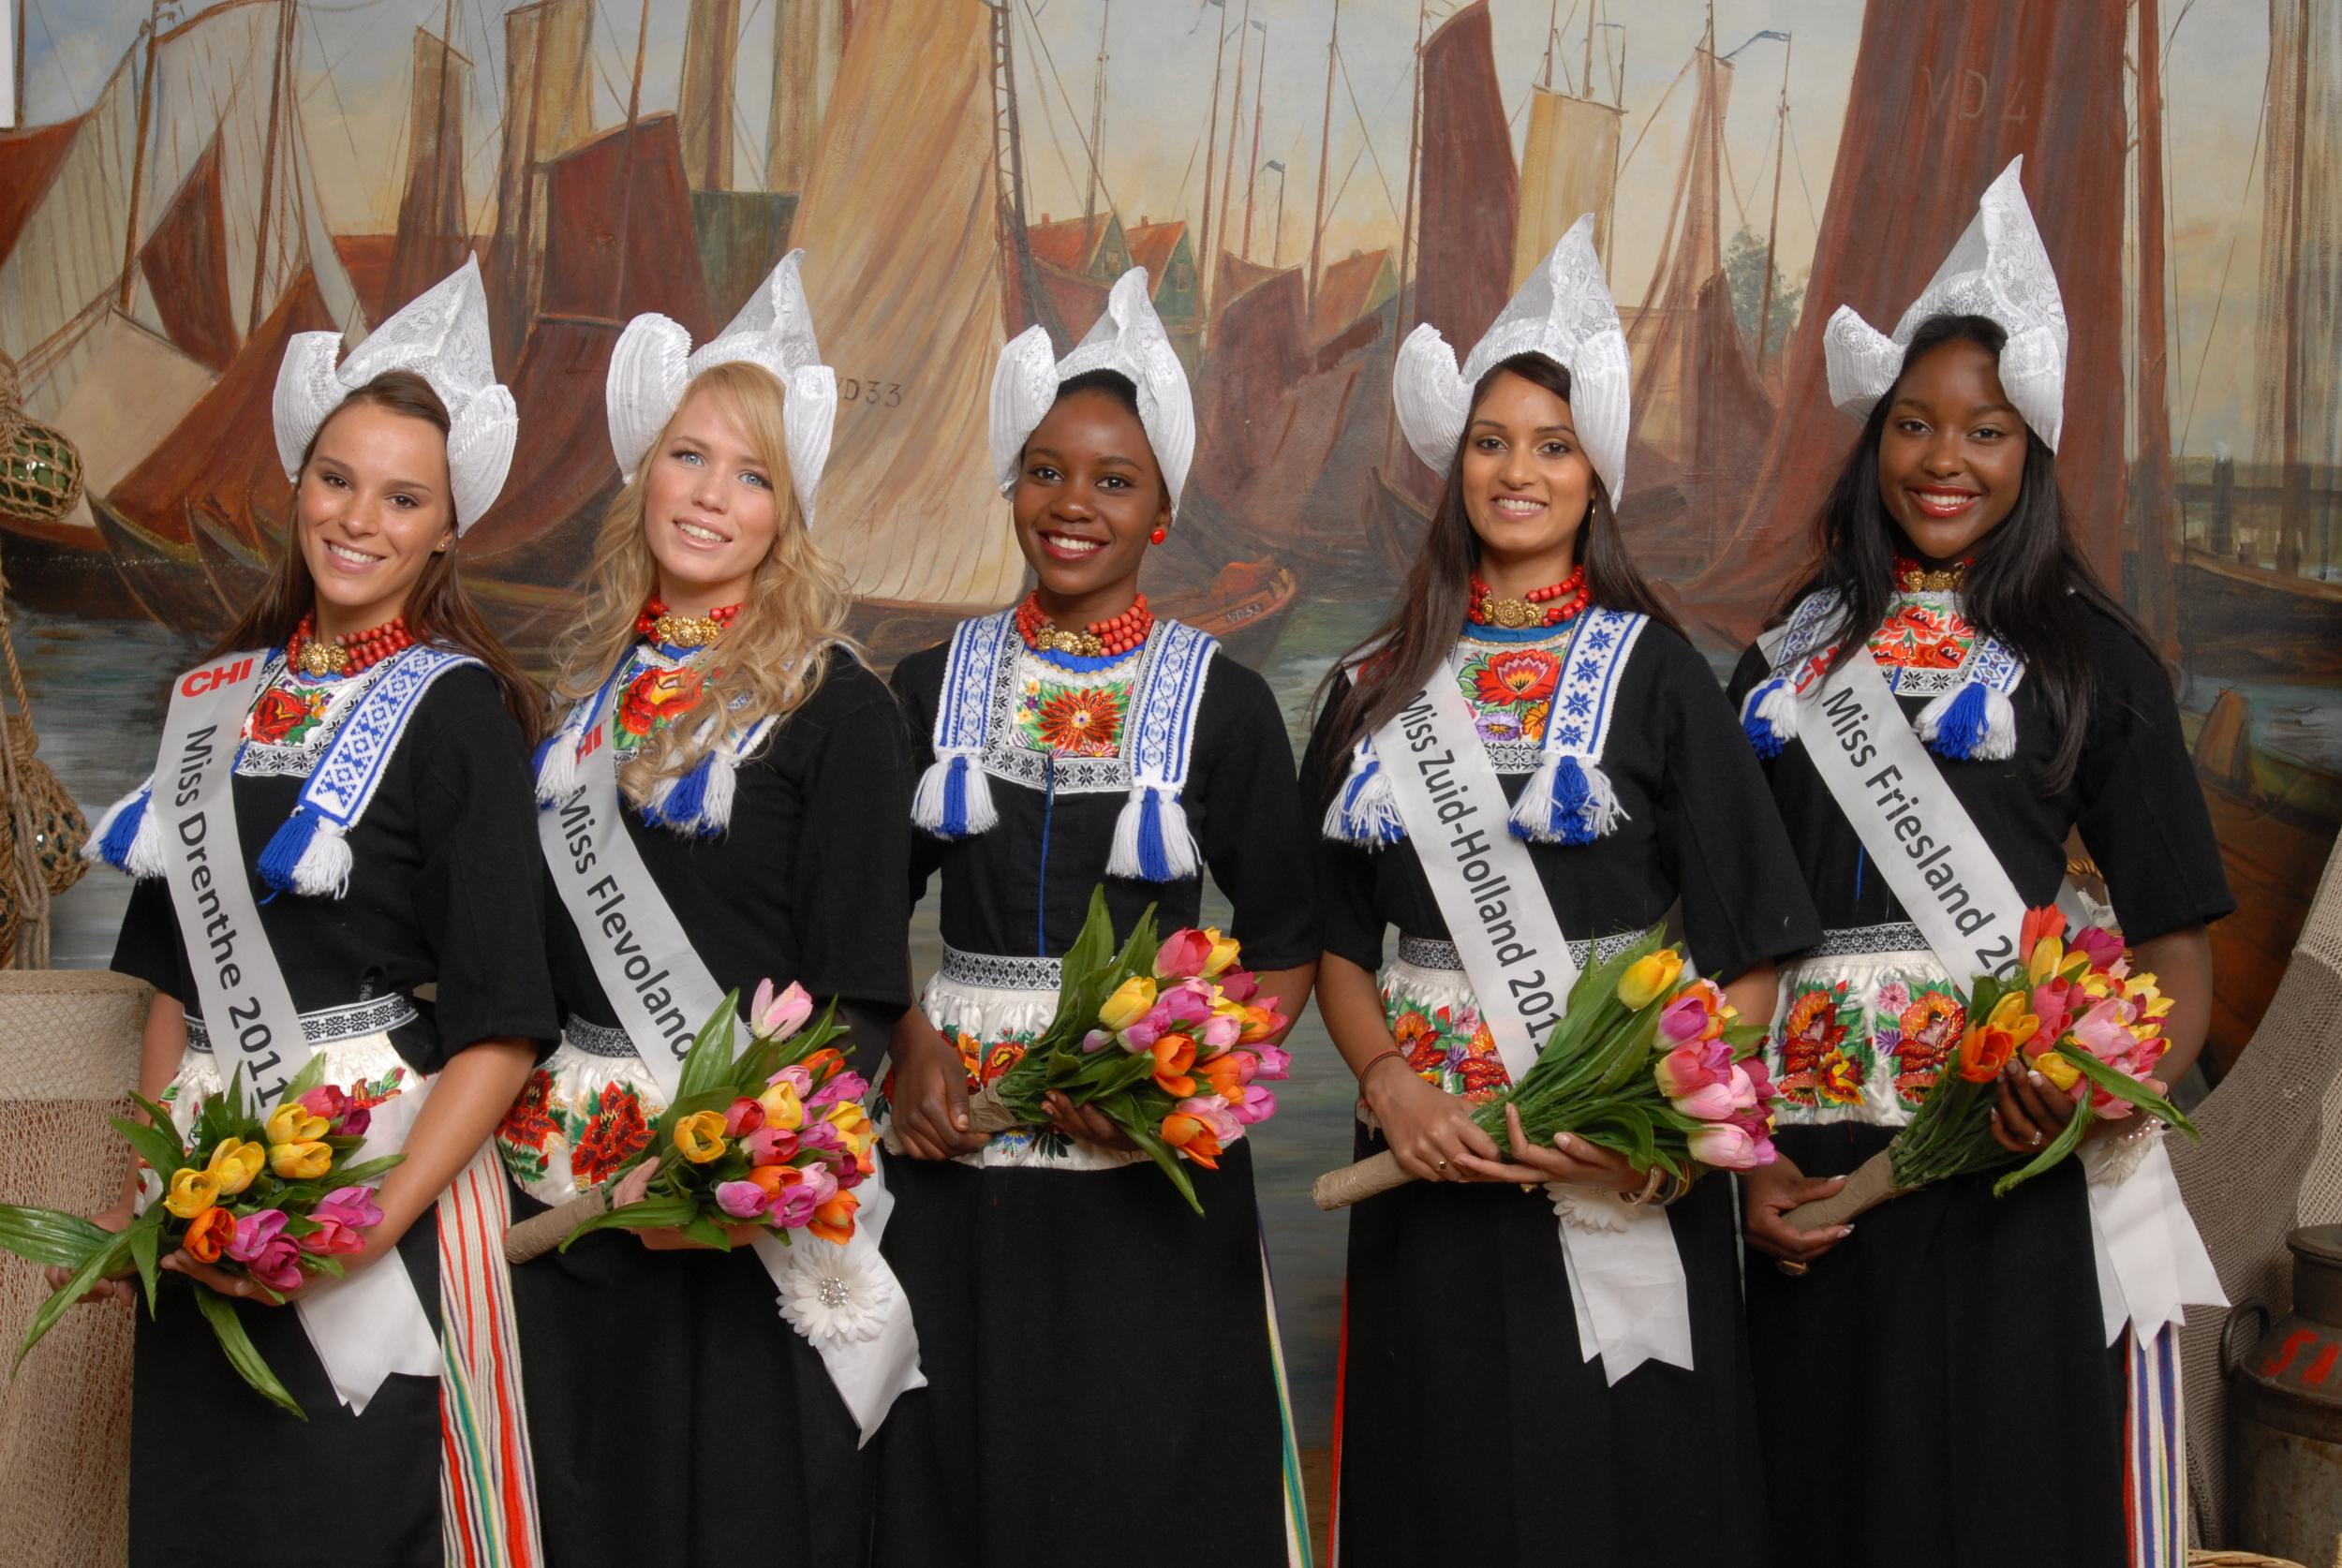 Foto in klederdracht Volendam Missen op de foto